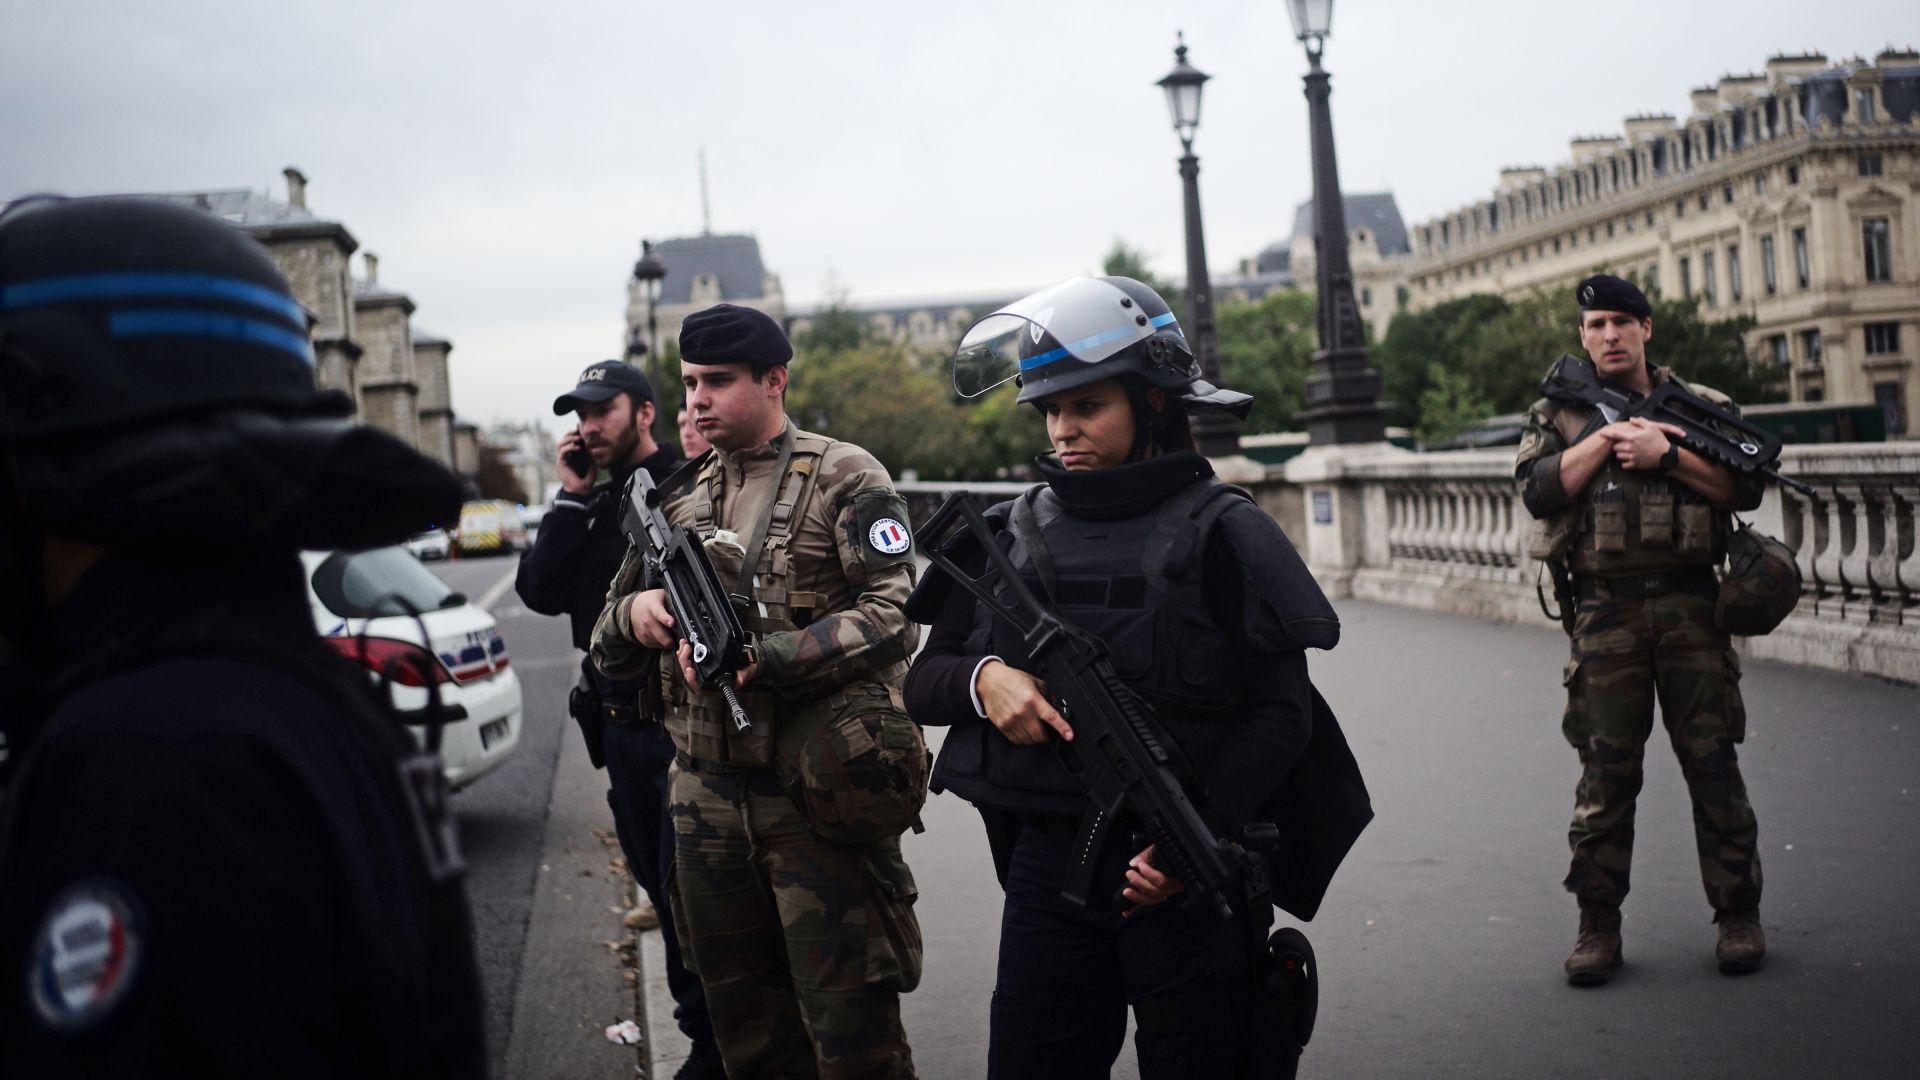 Бивш служител на реда уби с нож четирима полицаи в центъра на Париж